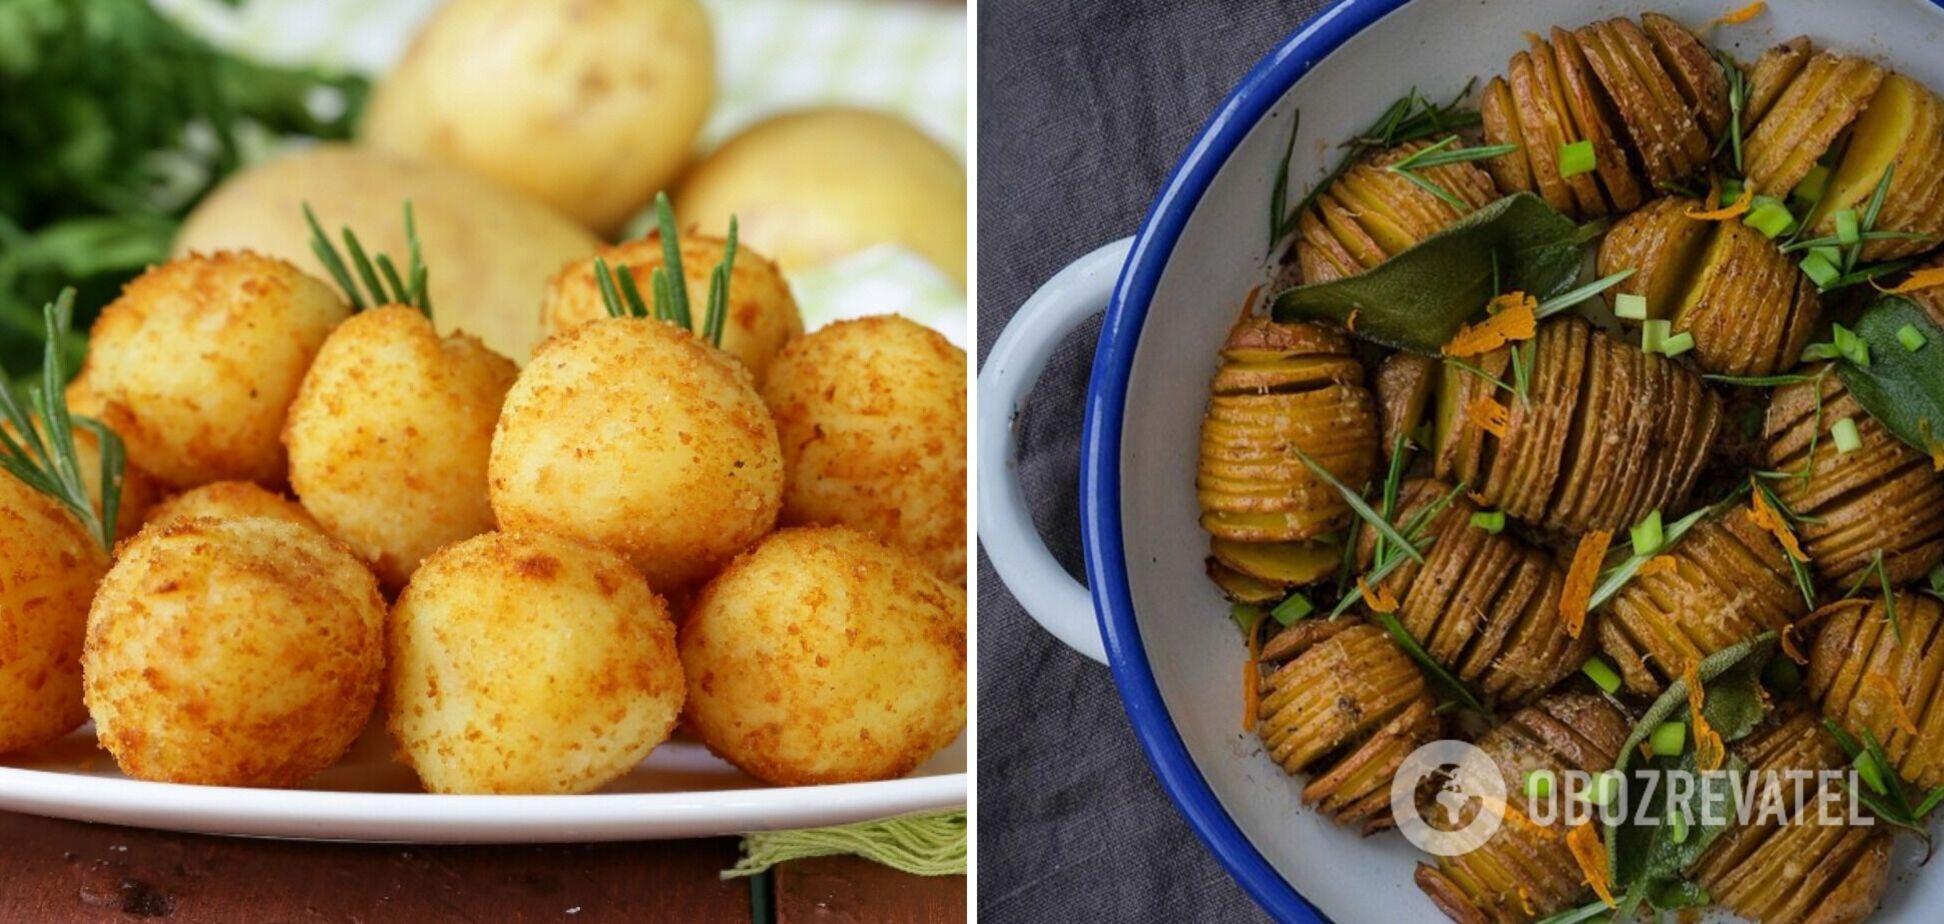 Як подати картоплю по-новому: 2 незвичайні рецепти